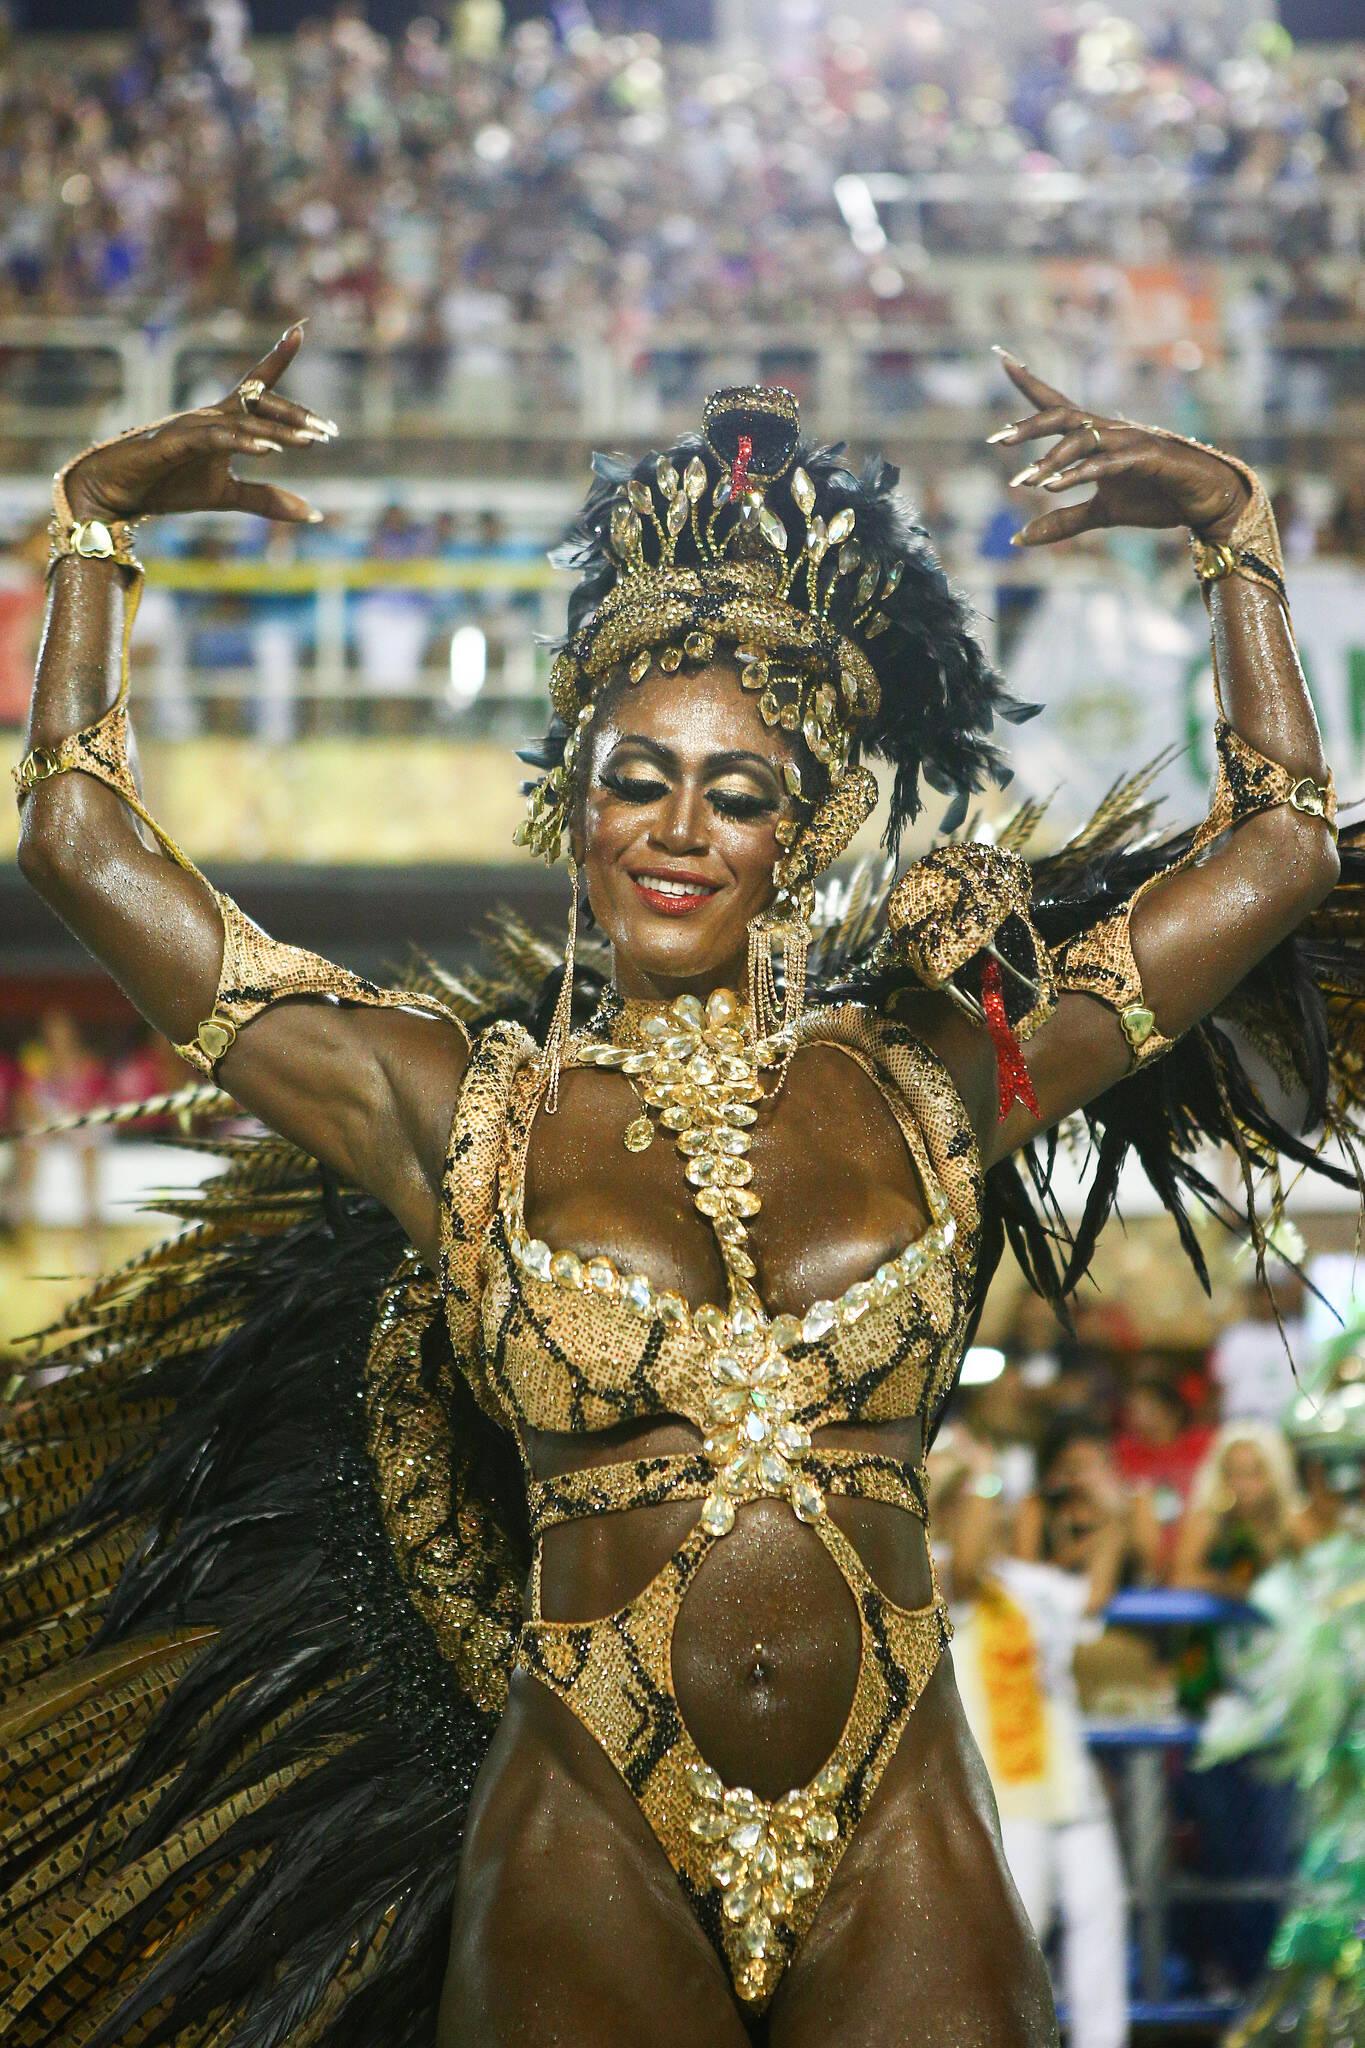 Destaque da Imperatriz Leopoldinense. Foto: Riotur/divulgação